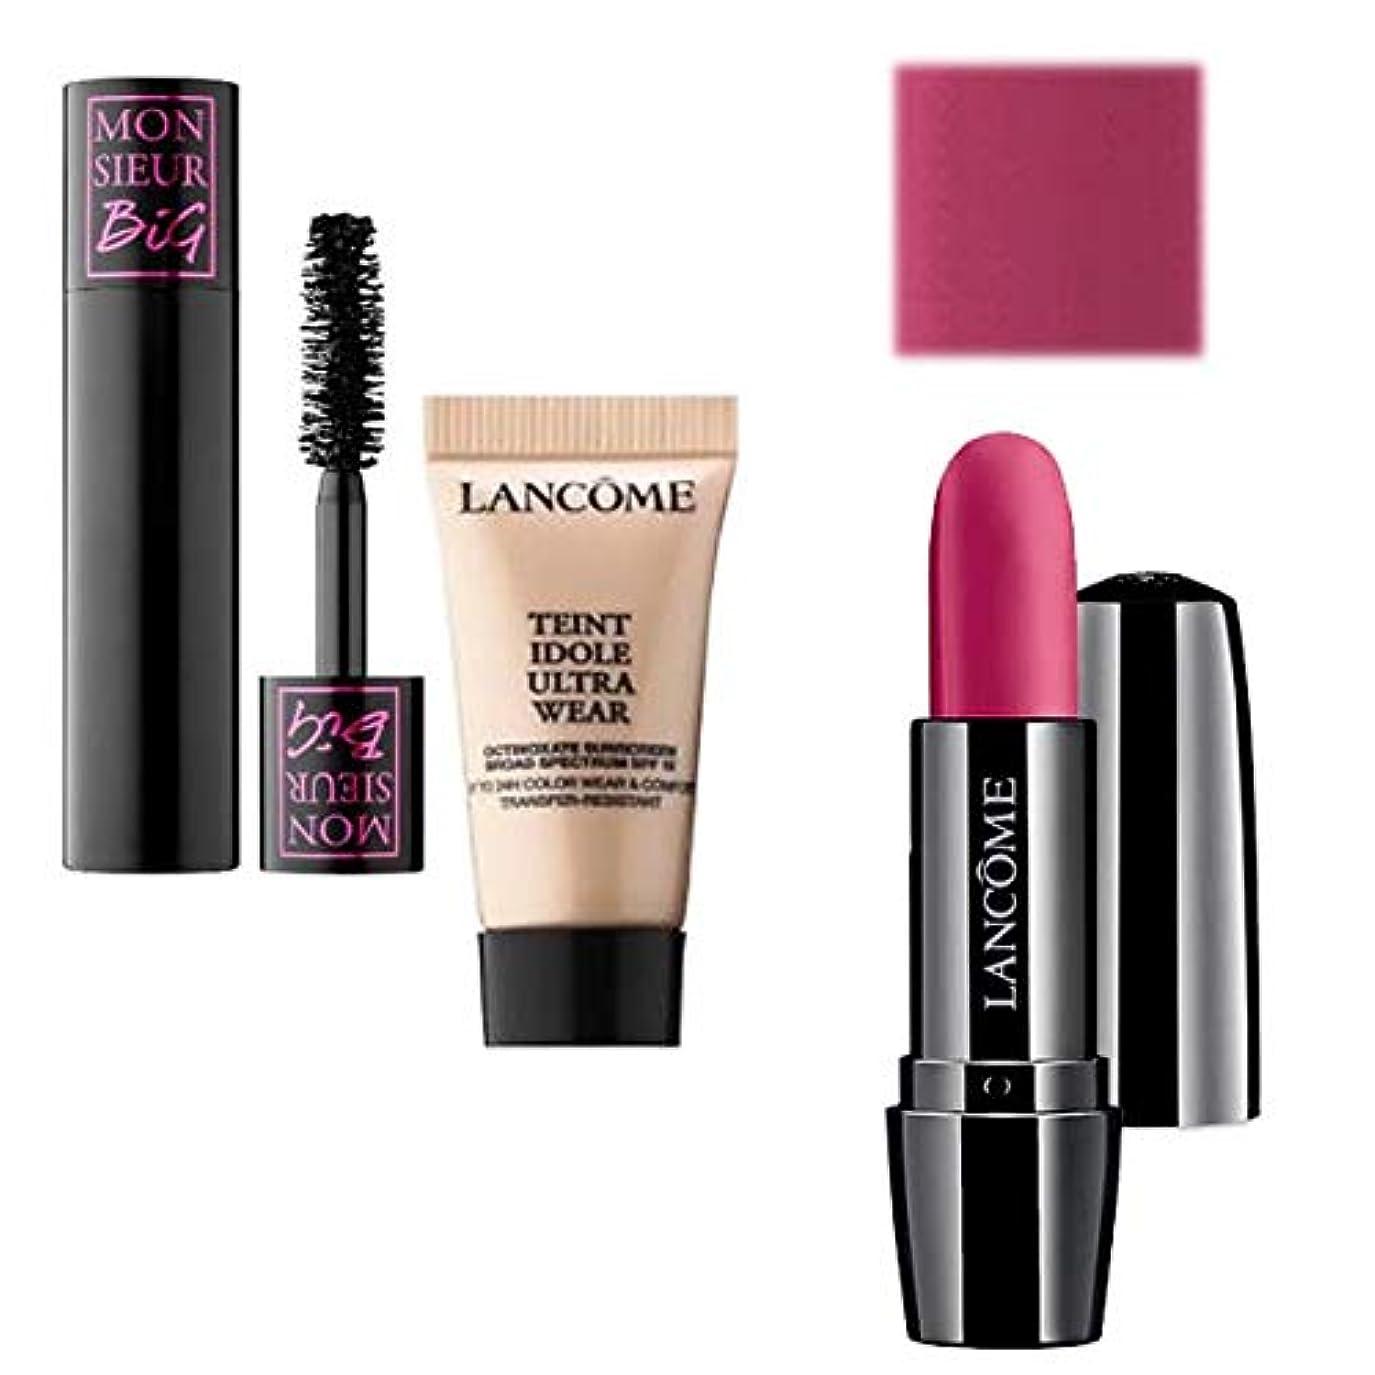 霧深いゴージャスダニランコム(LANCOME), Full Size Lipstick(Sought After) & Mini ミニ 2set (Mascara & Foundation) [海外直送品] [並行輸入品]